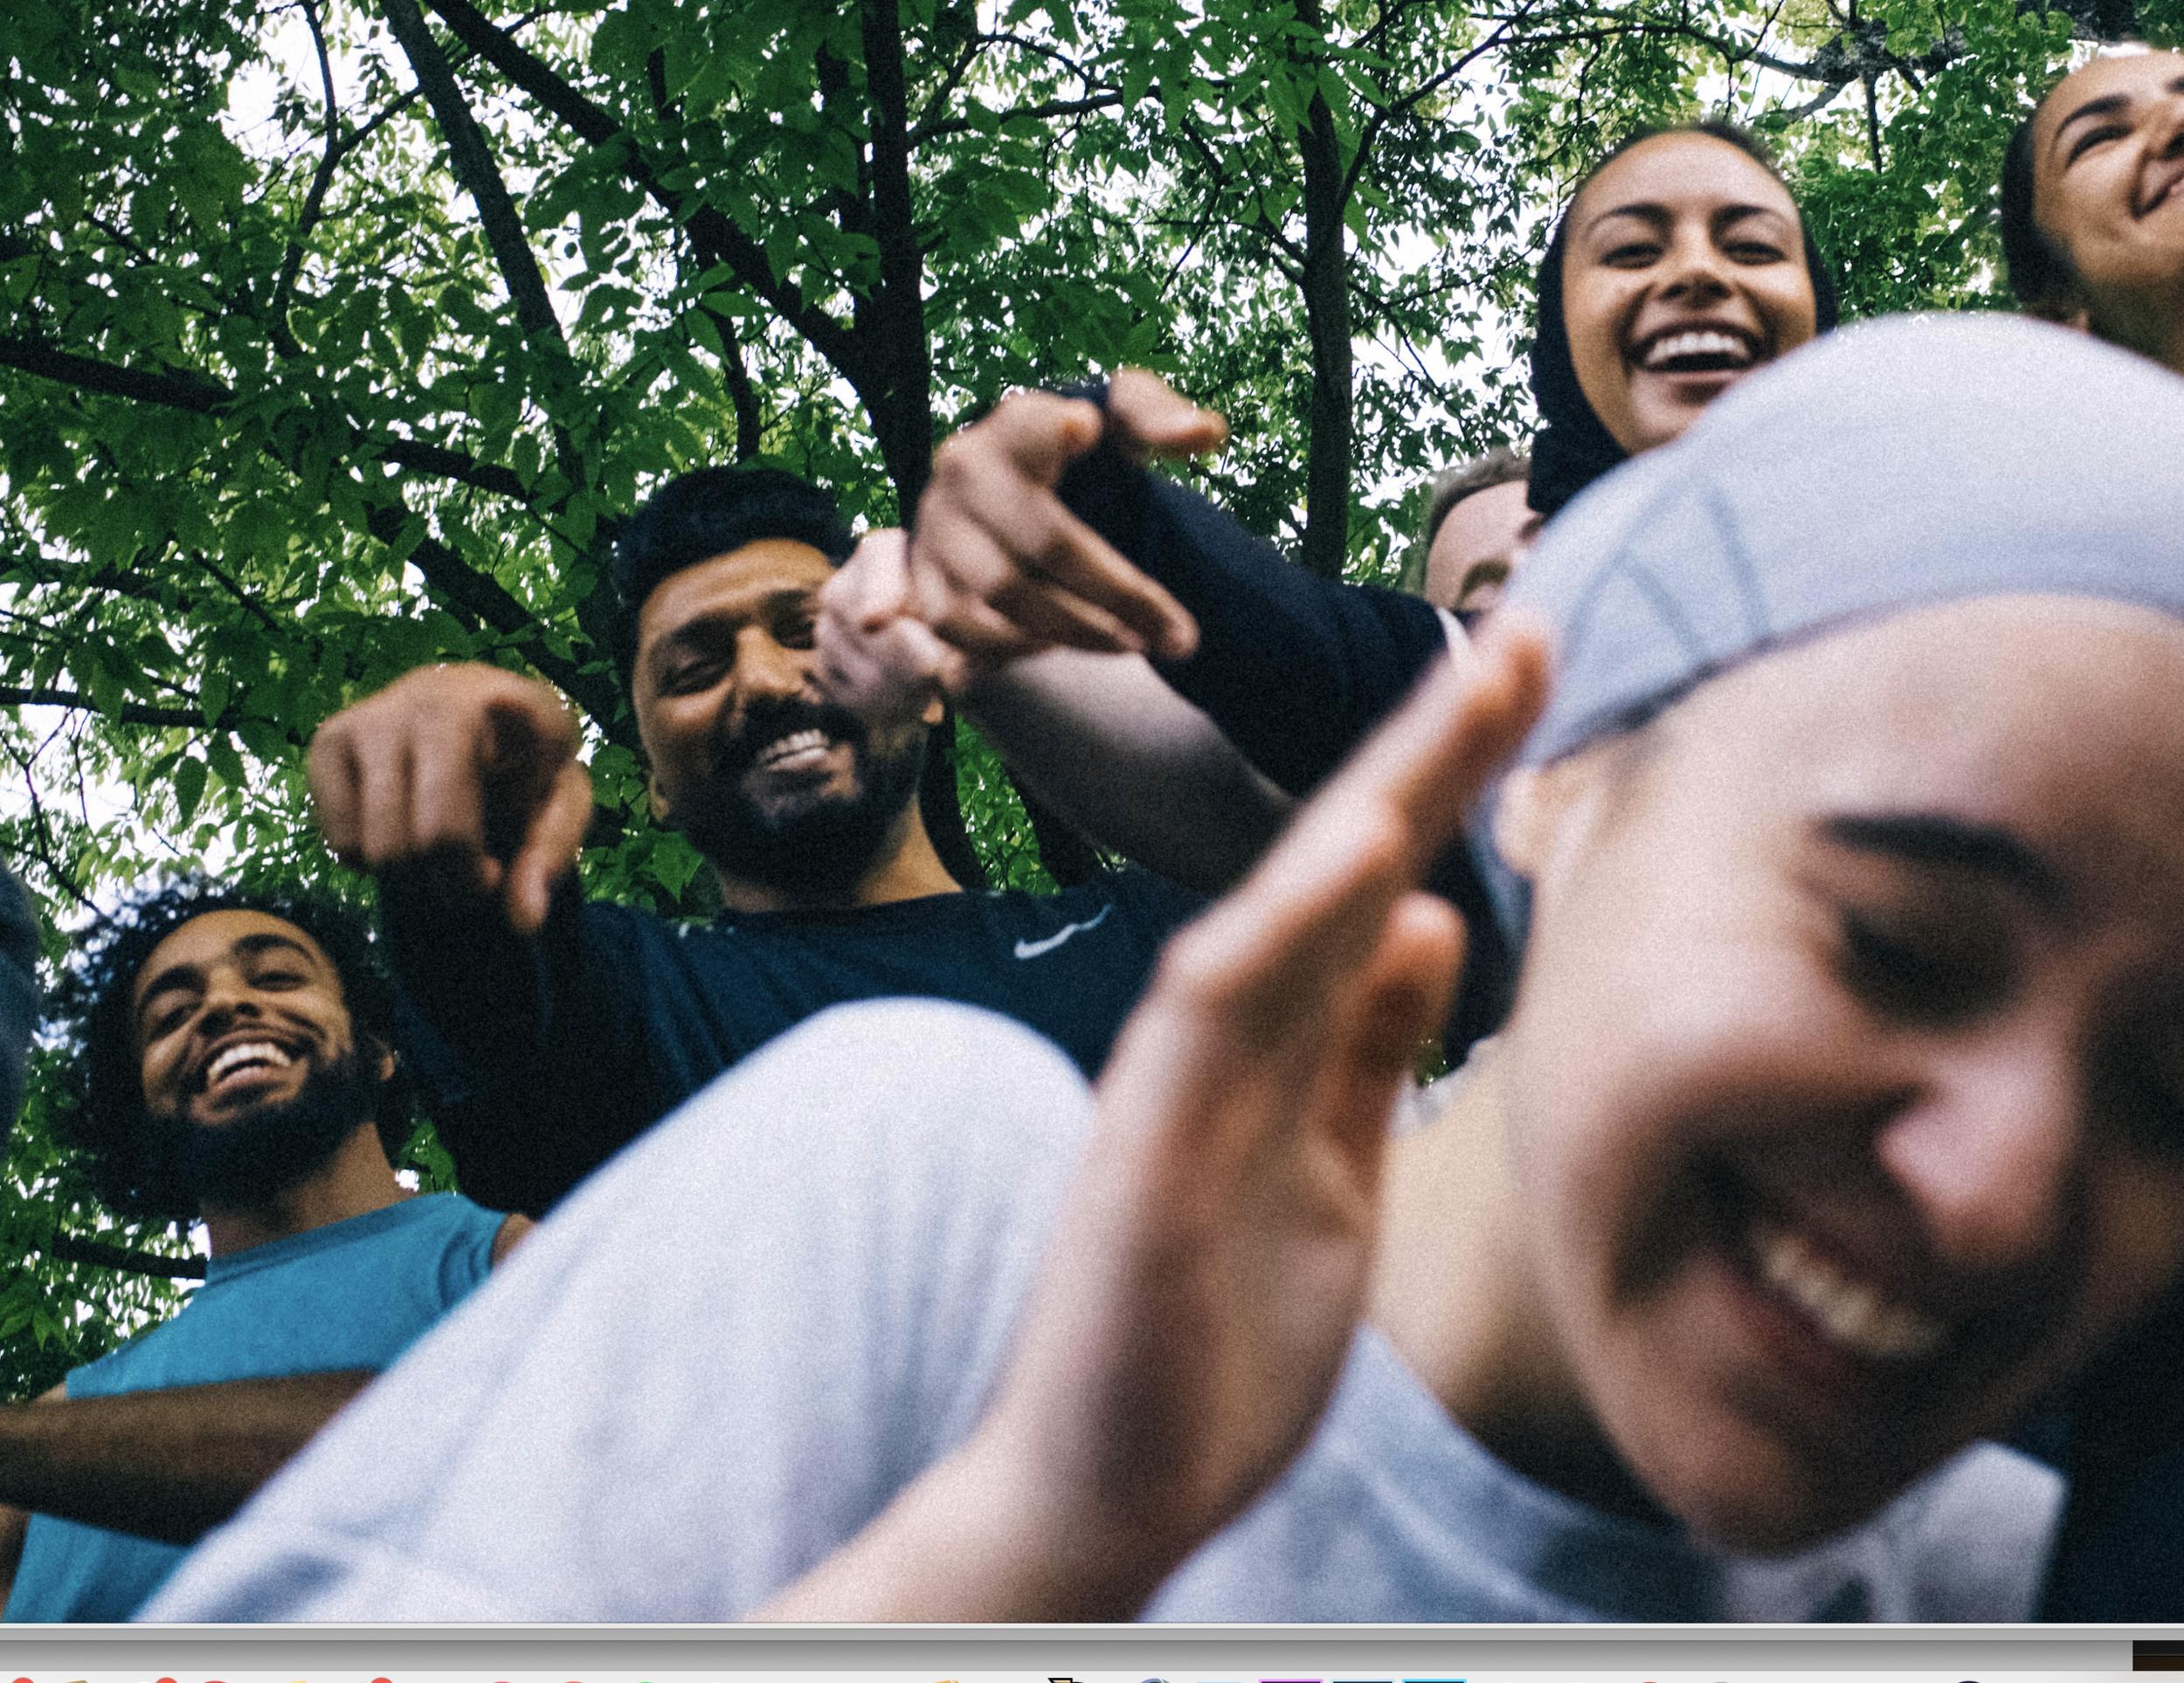 Screenshot 2019-07-19 at 16.09.15.png